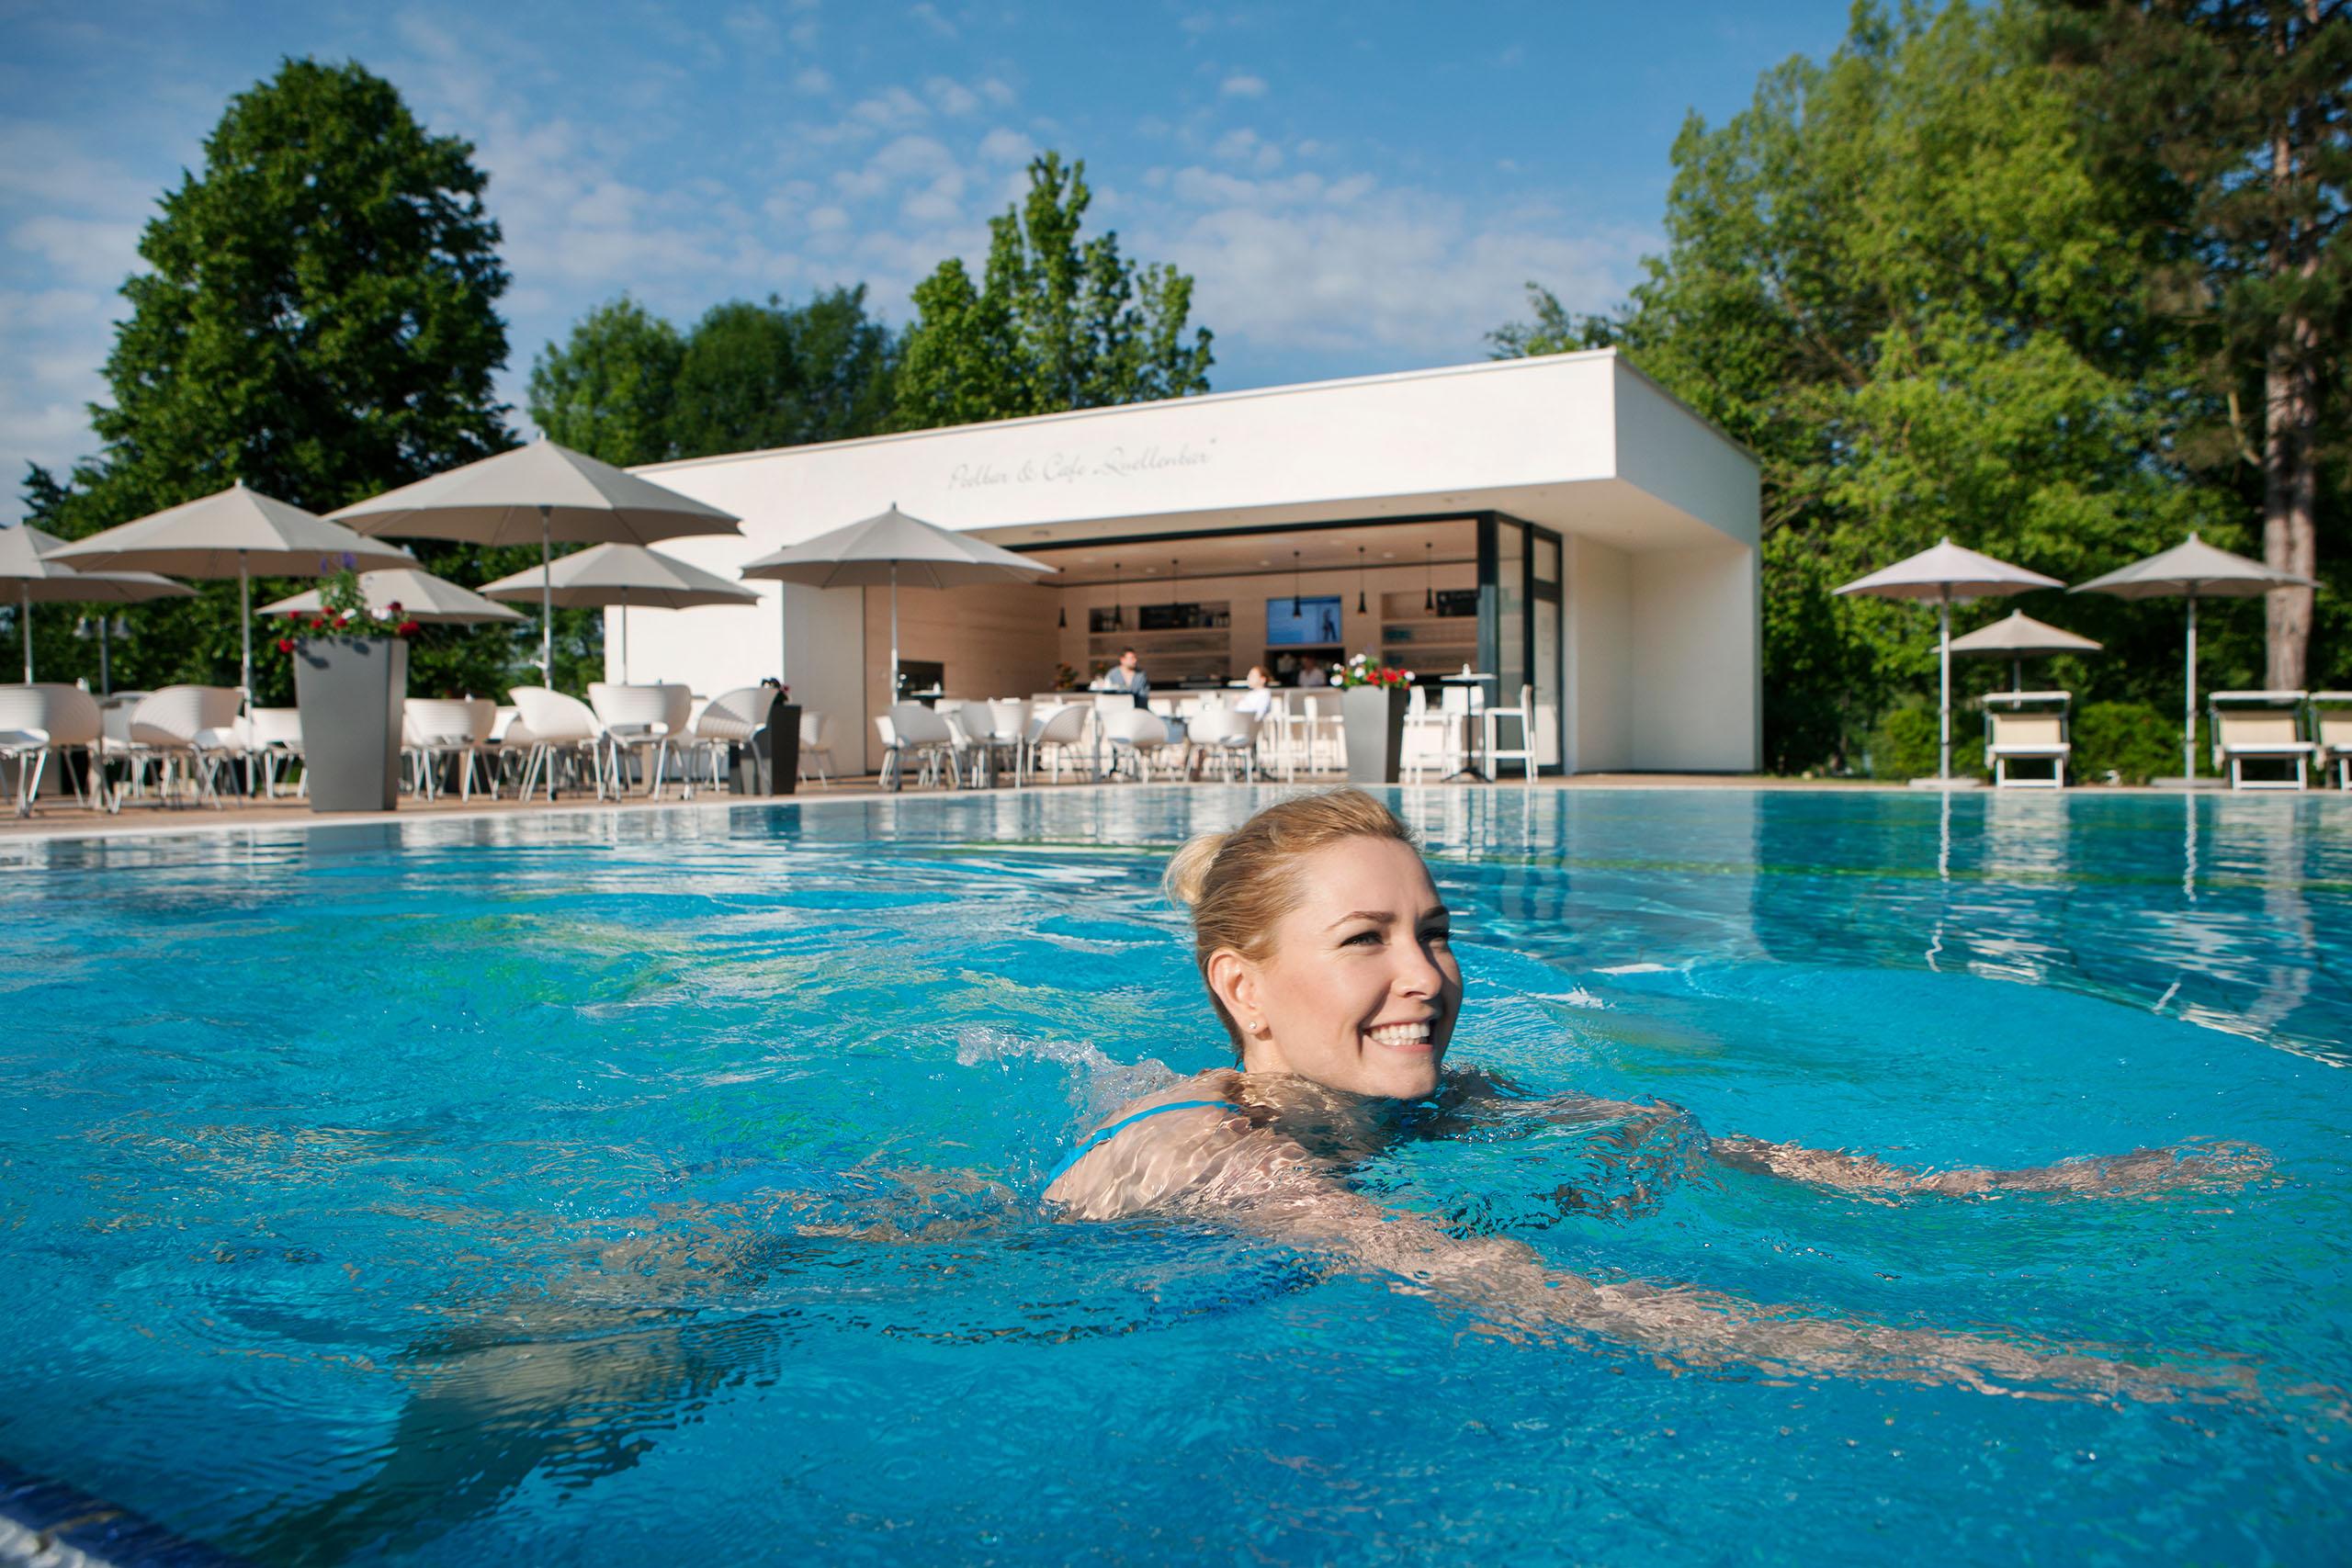 Schwimmbecken in der Heiltherme Bad Waltersdorf